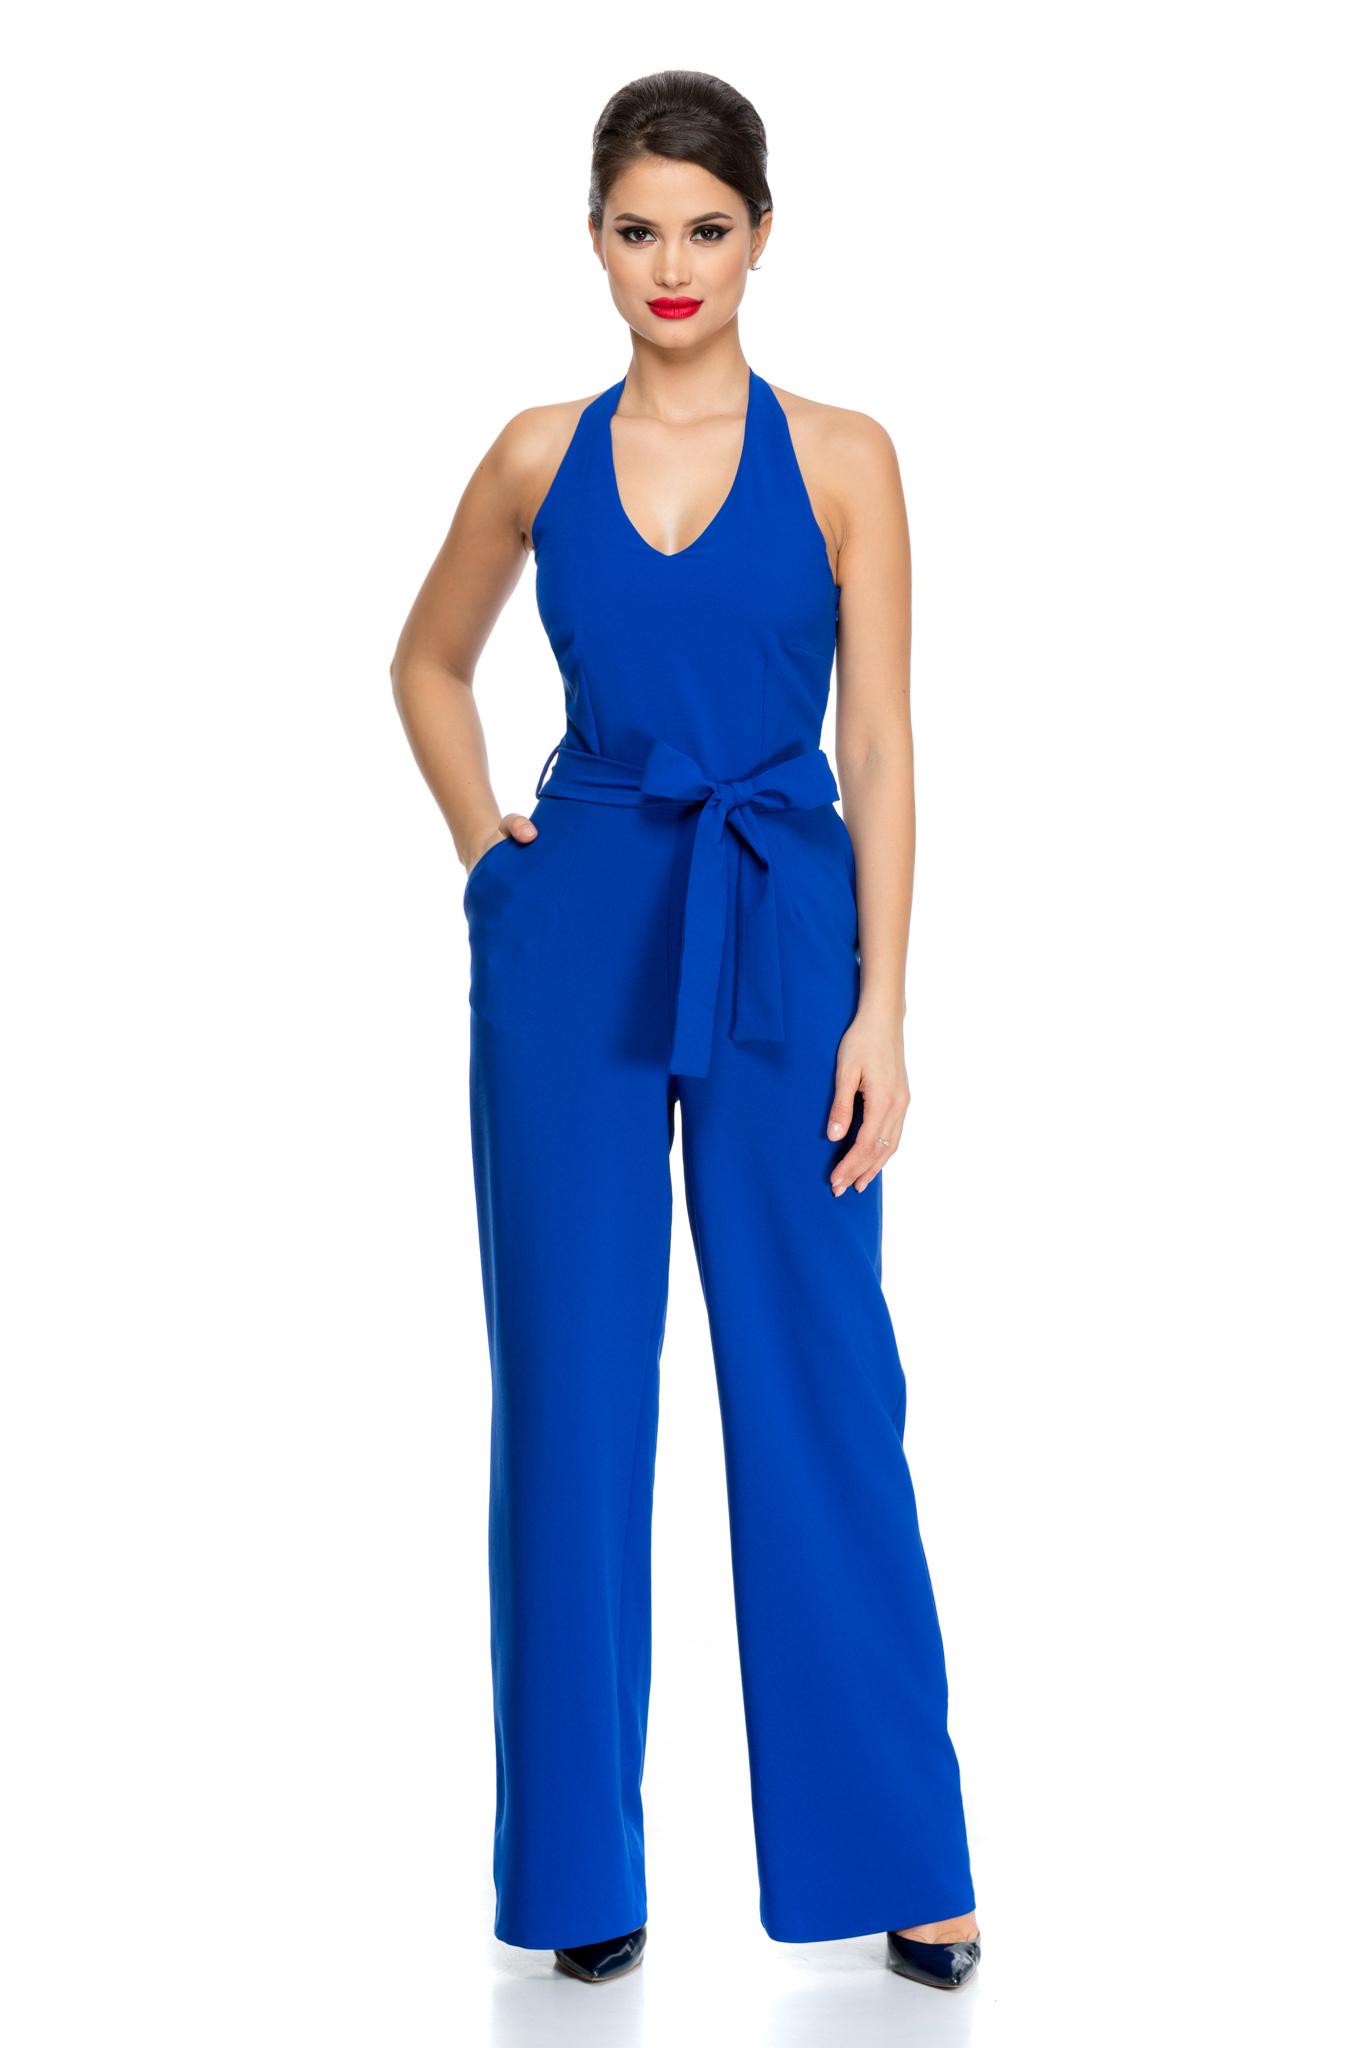 salopeta donna albastra